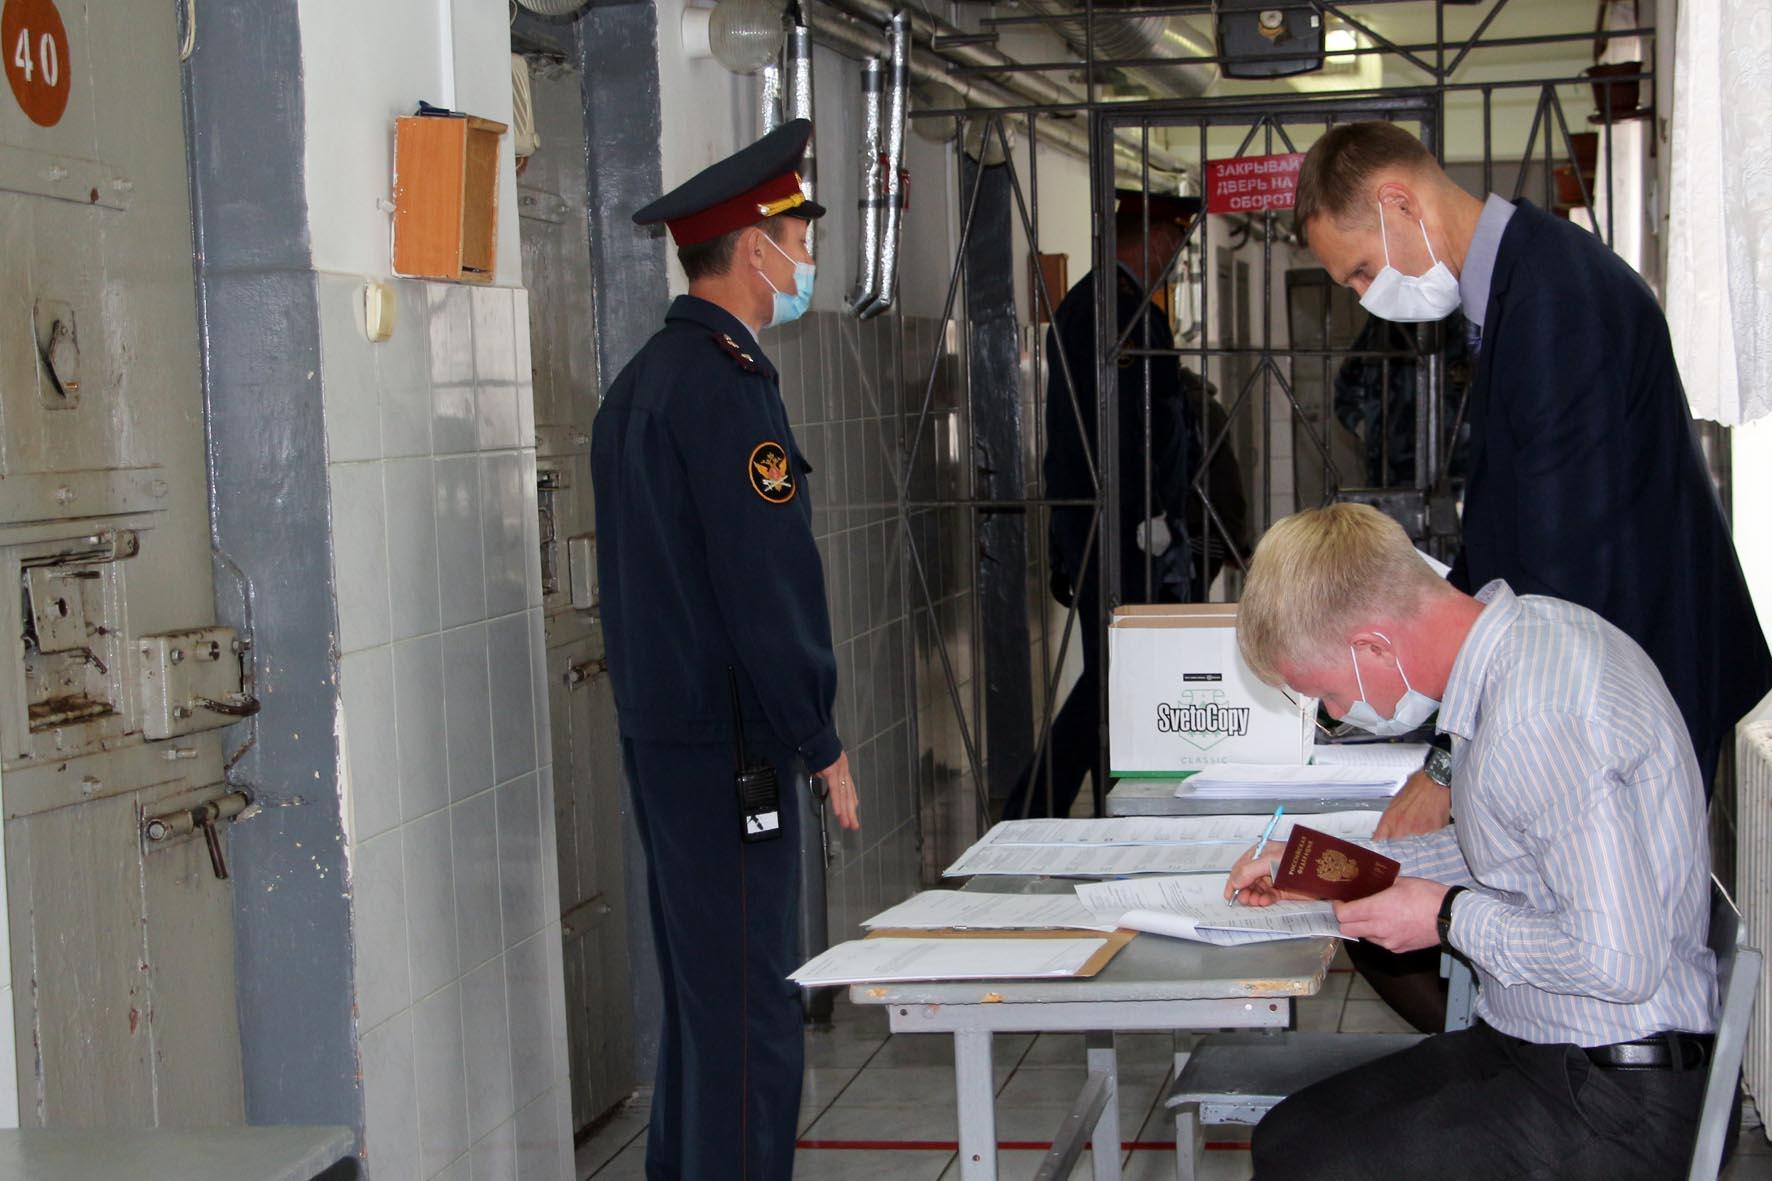 Выборы в йошкар-олинском следственном изоляторе УФСИН России по Республике Марий Эл прошли без нарушений